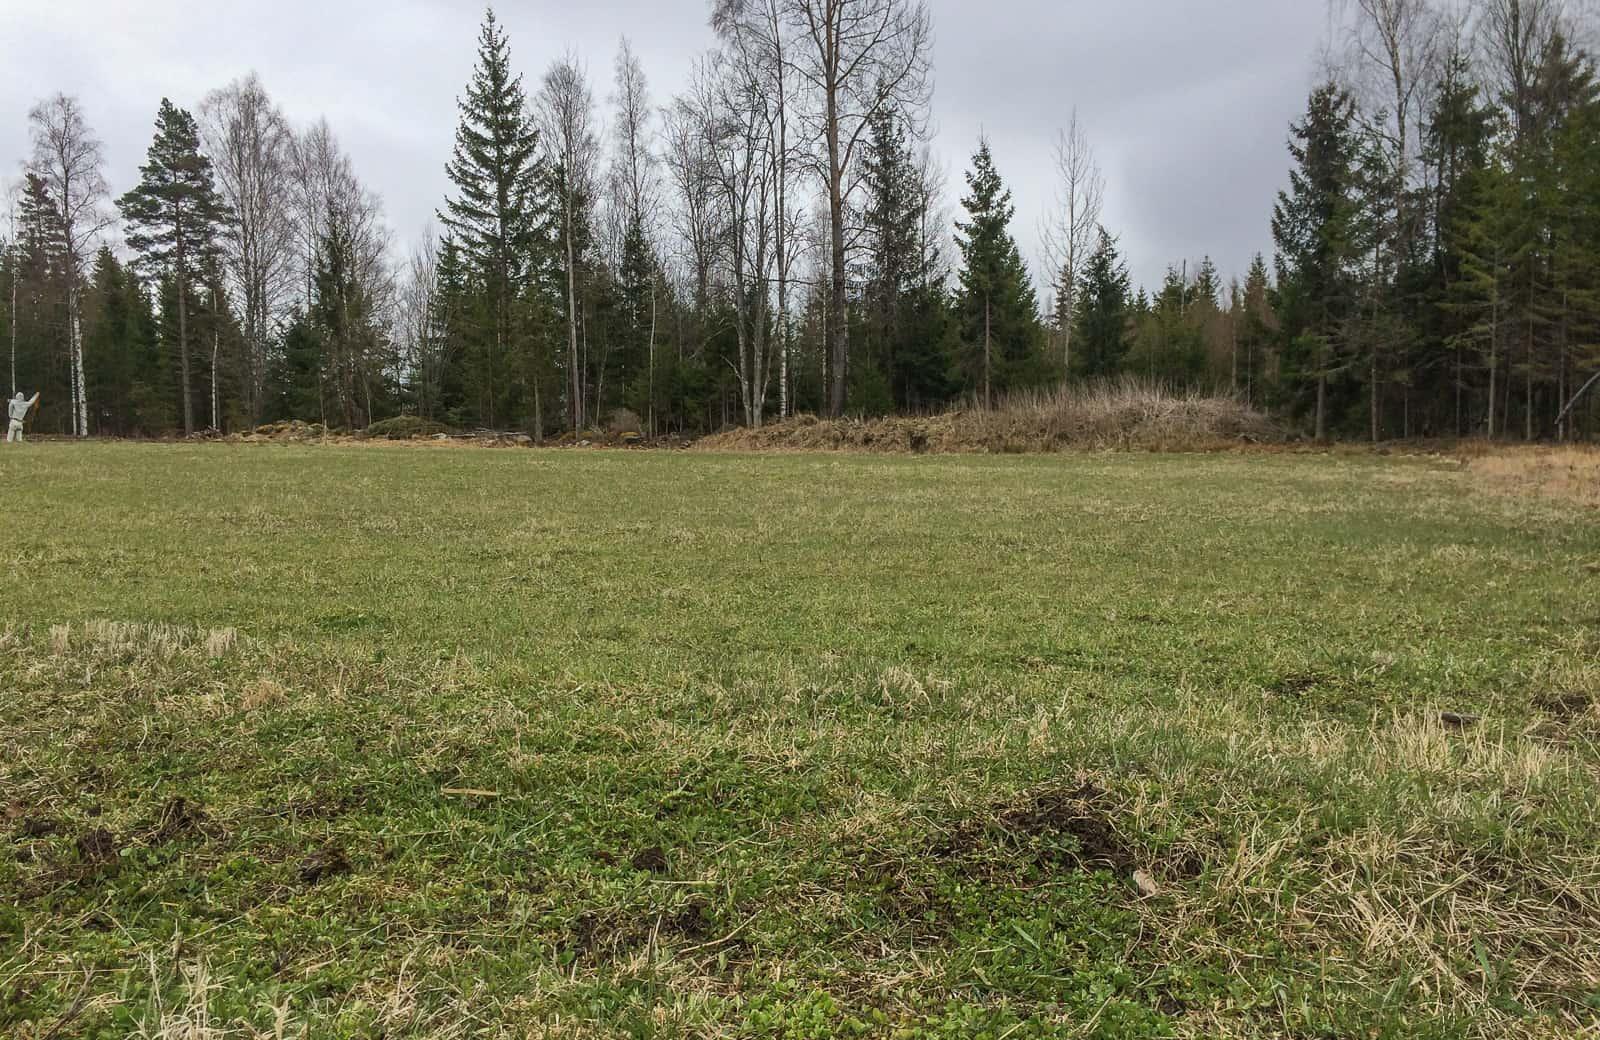 När jag flyttade hit stod det tät granskog här. Nu är det gräs- och klövervall i väntan på framtida odlingsbeslut. När sista skörden är tagen och all annan jordbruksmark är förbrukad – då har jag min kvar.